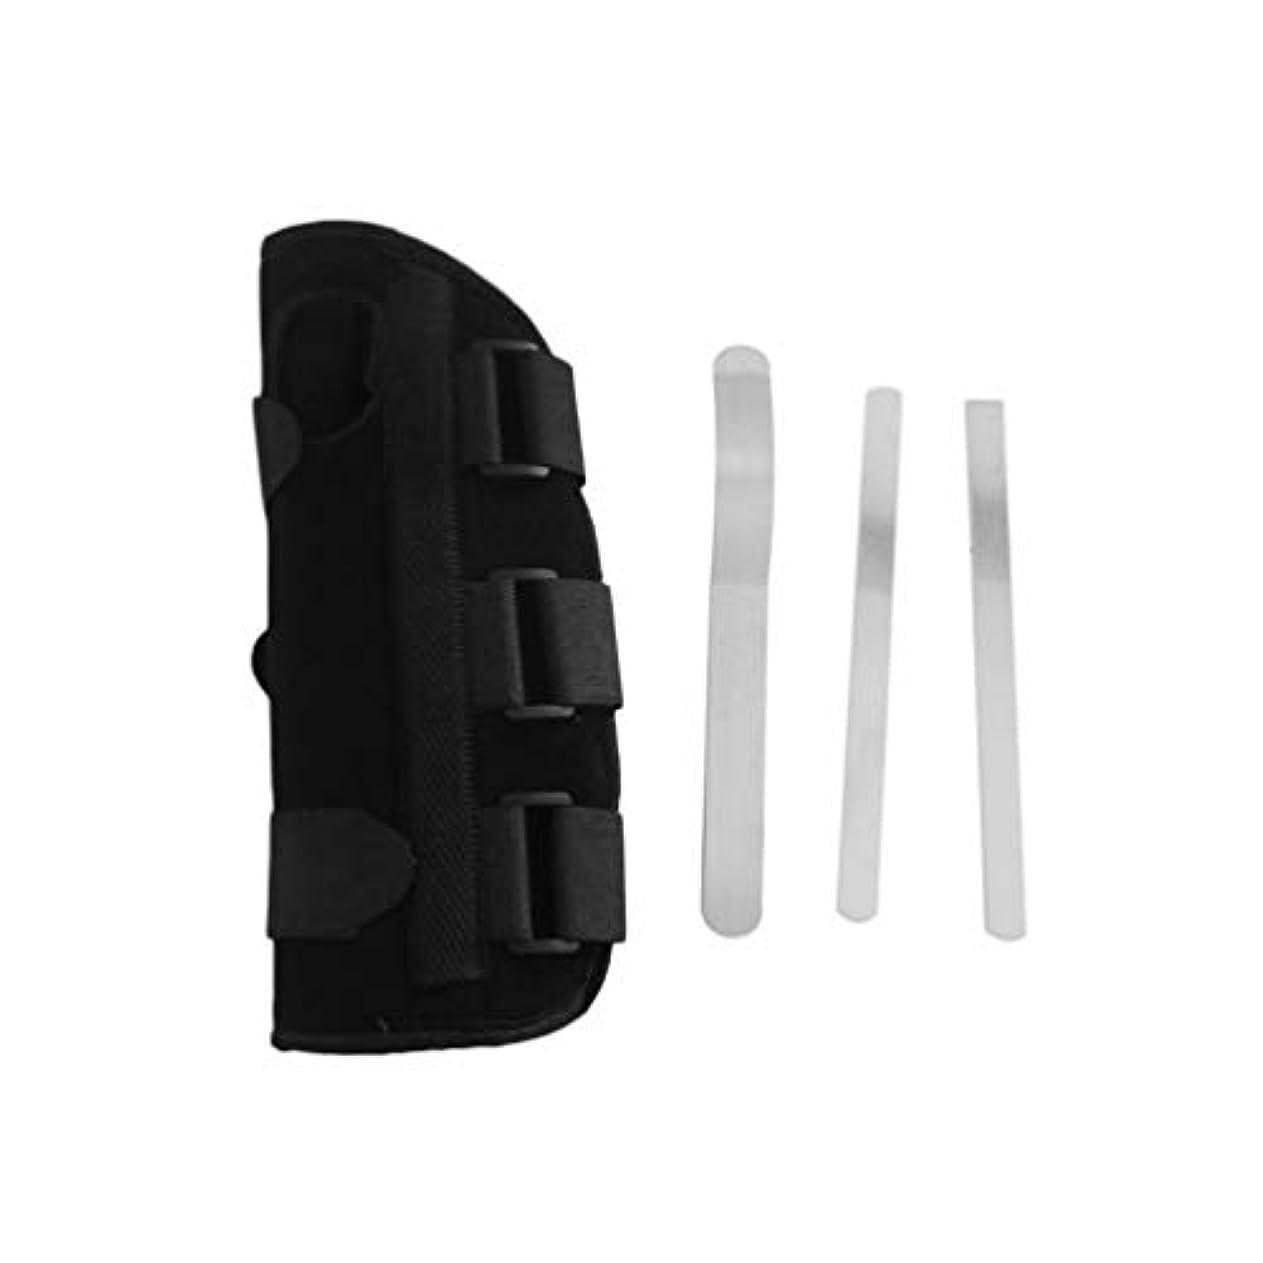 ビルダー食事ありそう手首副木ブレース保護サポートストラップカルペルトンネルCTS RSI痛み軽減取り外し可能な副木快適な軽量ストラップ - ブラックS